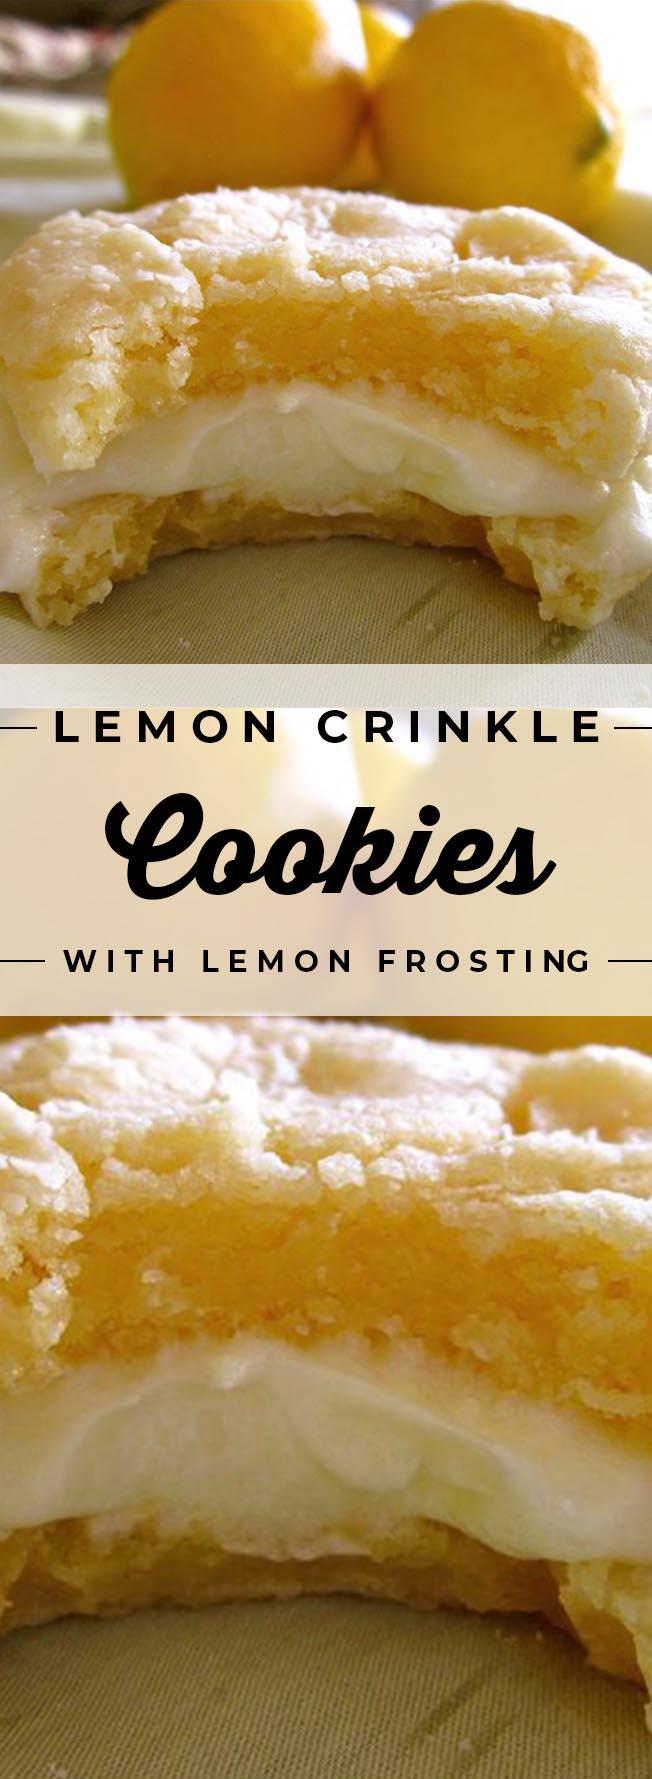 Lemon Crinkle Cookies with Lemon Frosting - The Food Charlatan